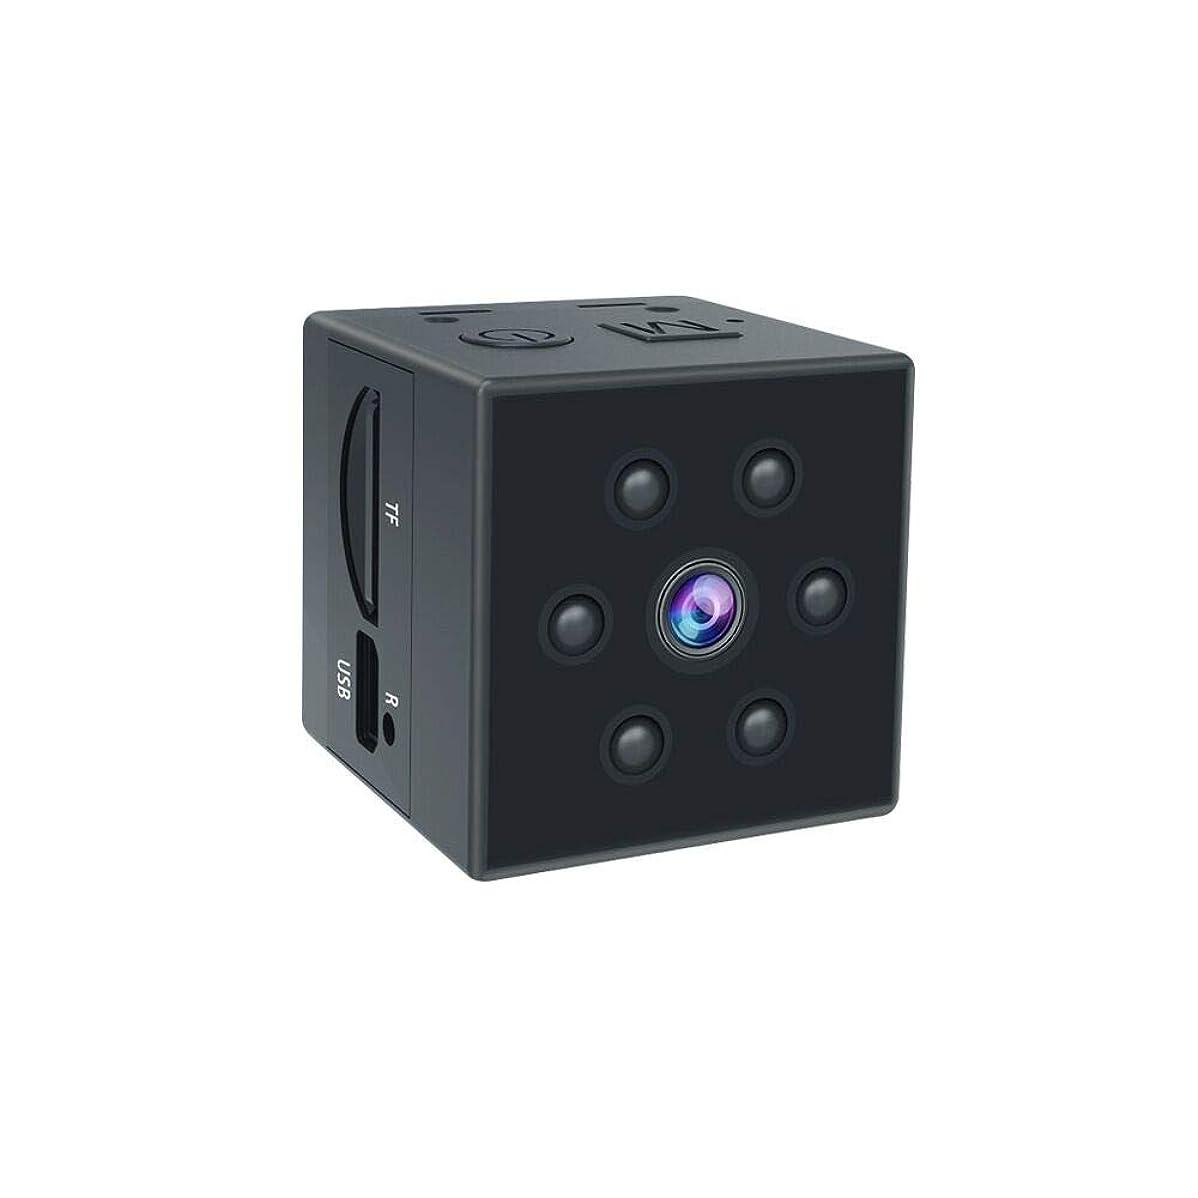 エンディングロープ好奇心スパイカメラ 隠しカメラ小型カメラ 1080P高画質超小型 赤外線 長い時間録画 155°広角ミニカメラ 内蔵バッテリー 携帯型防犯監視カメラ 動体検知 暗視機能 ペットカメラ 屋内屋外用 ループ録画機能 盗撮暗視カメラ